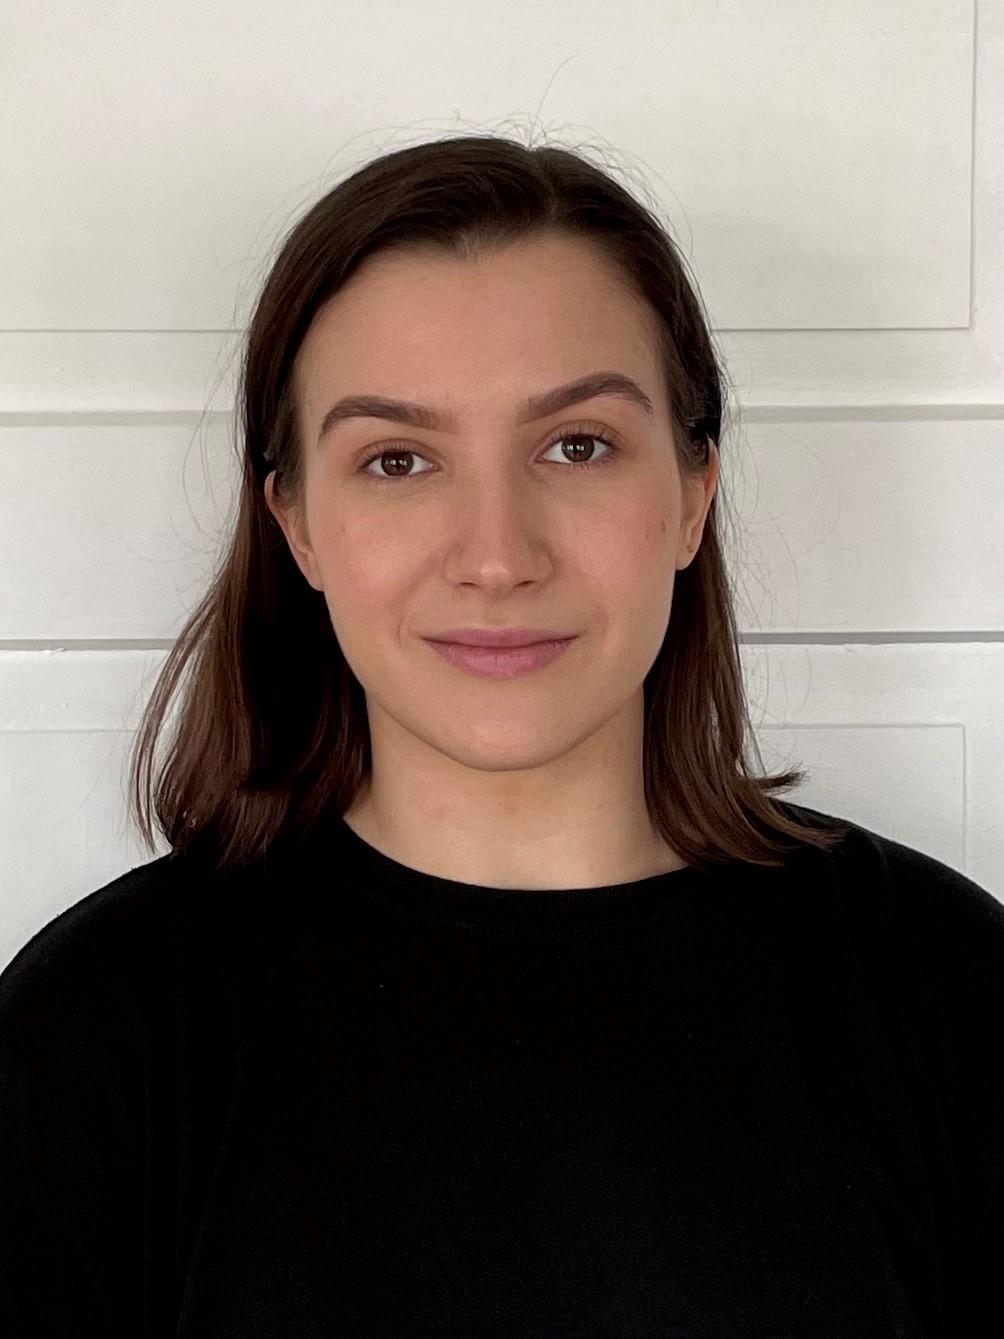 Institutt for scenekunst - Showreel - Kristina L. Høydal